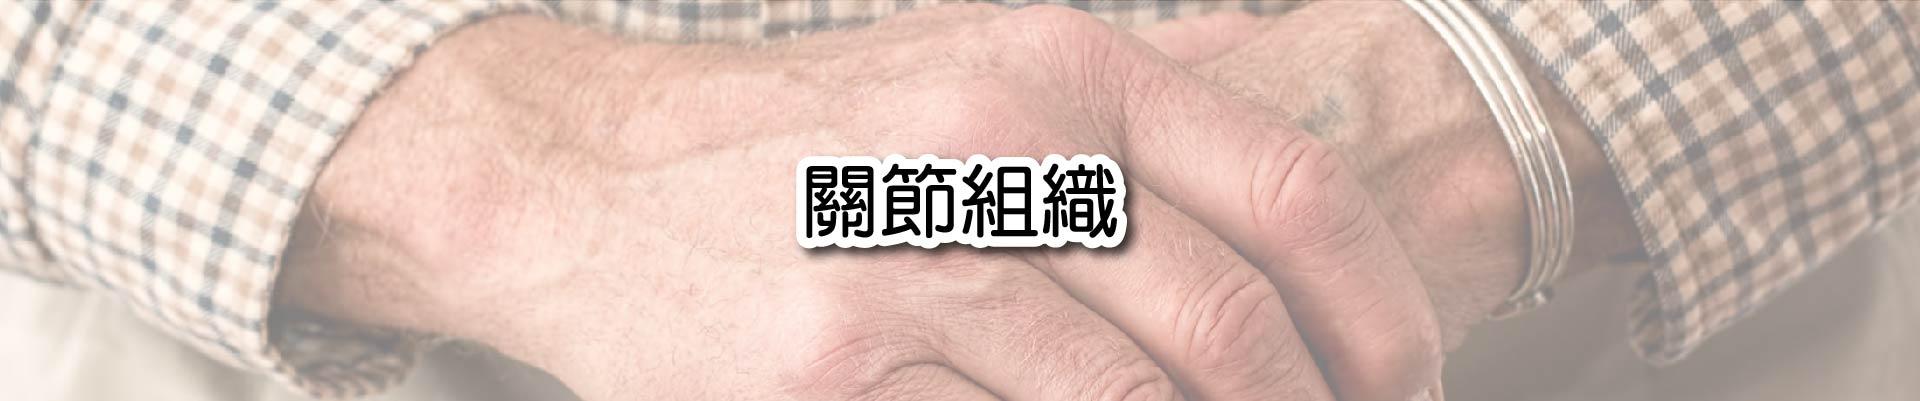 f-joint-tissue-1-11.jpg